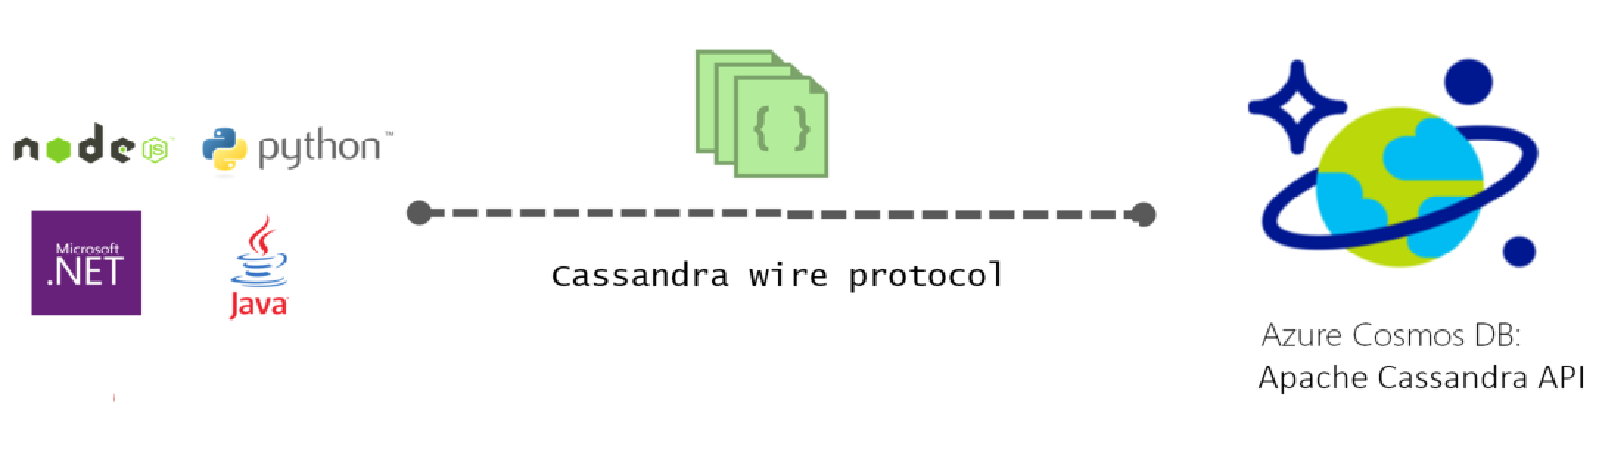 Azure Cosmos DB Cassandra API